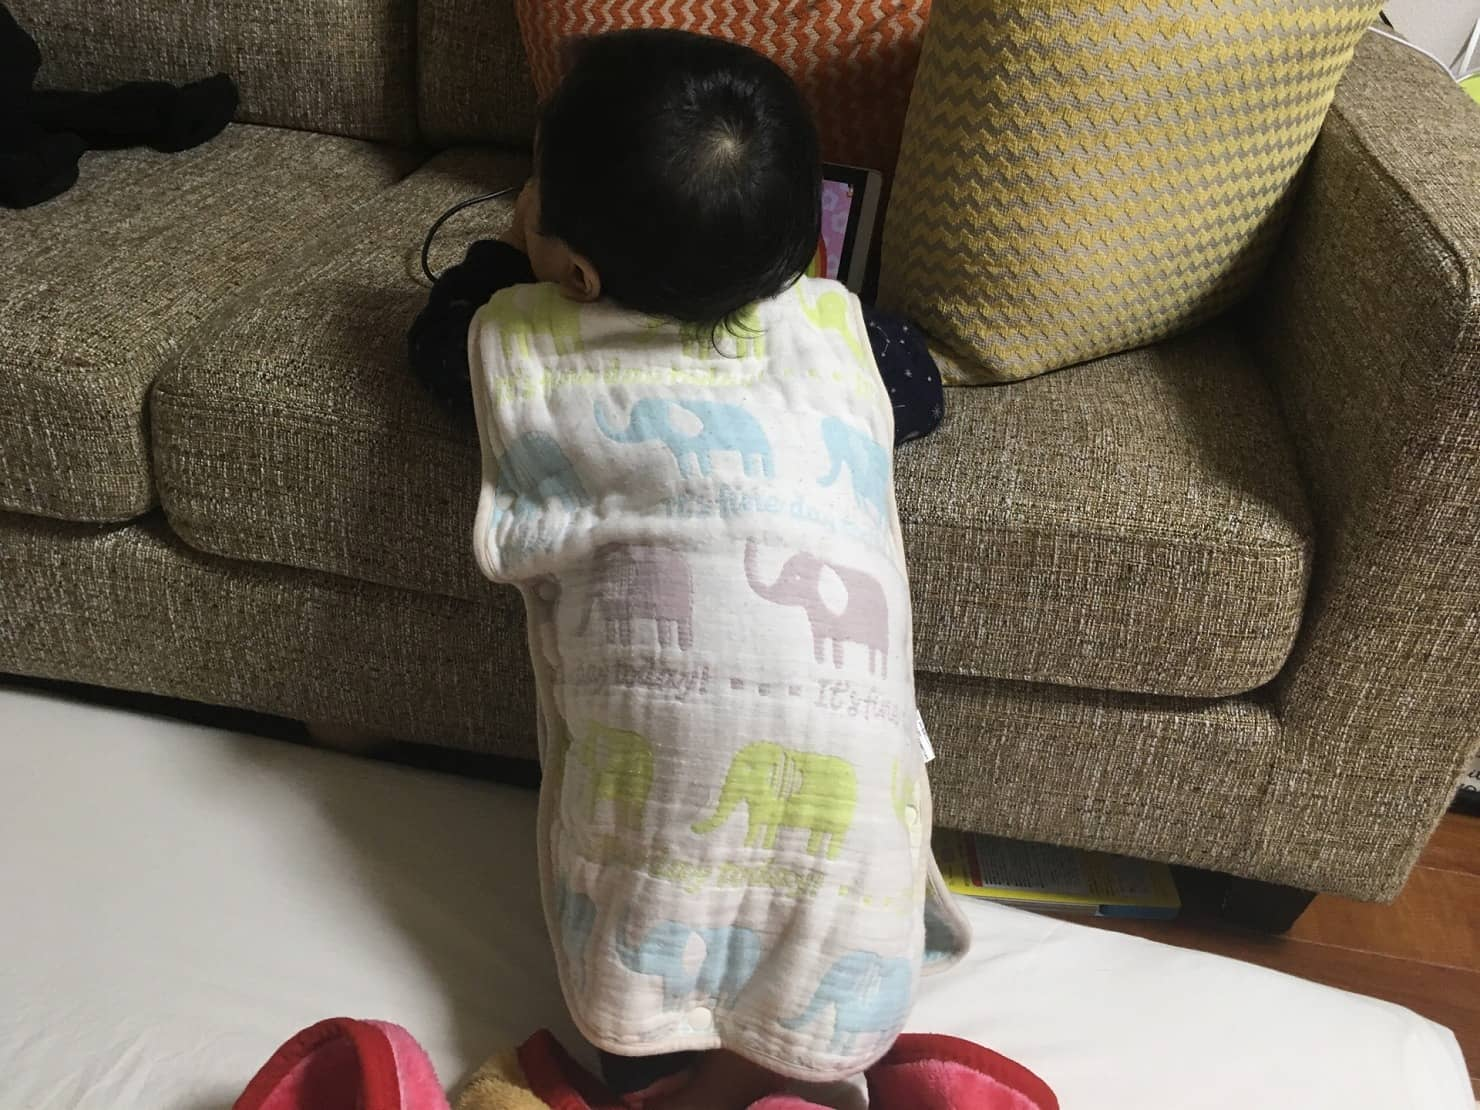 スリーパー(着る毛布)の赤ちゃんへのメリットは? 季節や年齢に合った選び方やおすすめを紹介!